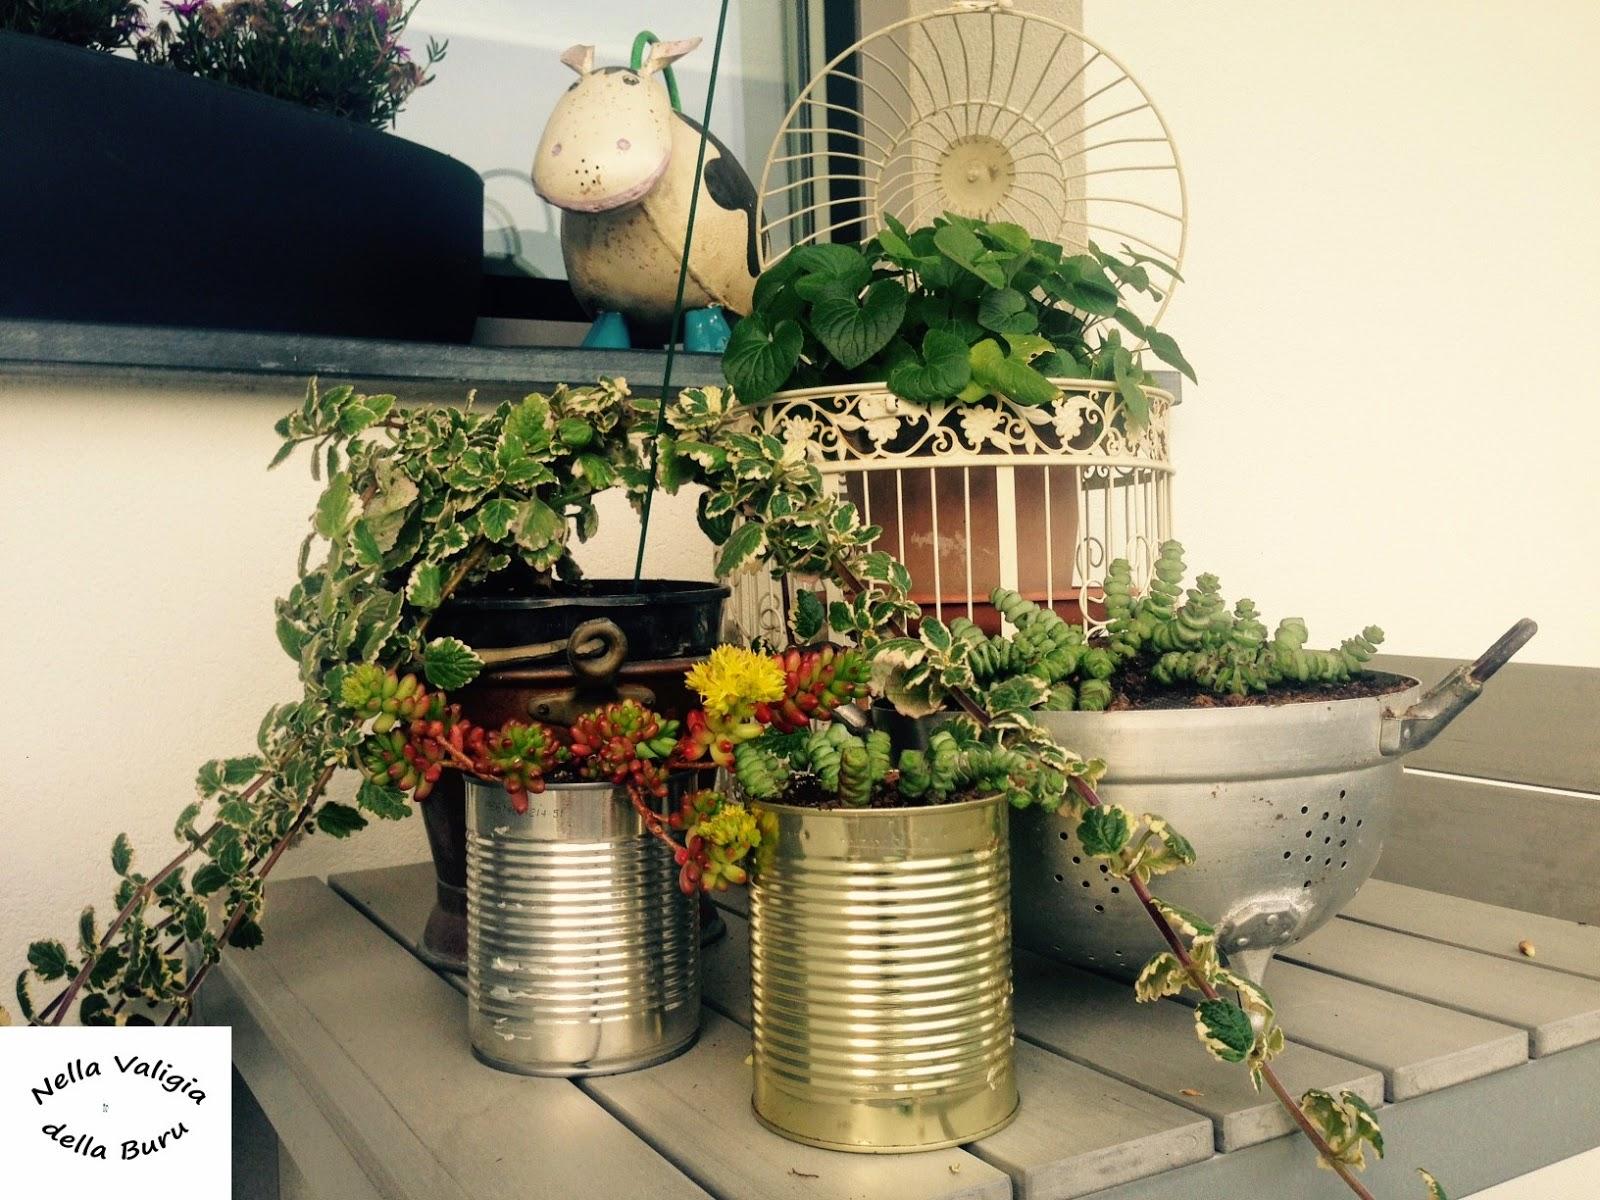 Nella valigia della buru giardino e balcone realizzare for Vasi fai da te